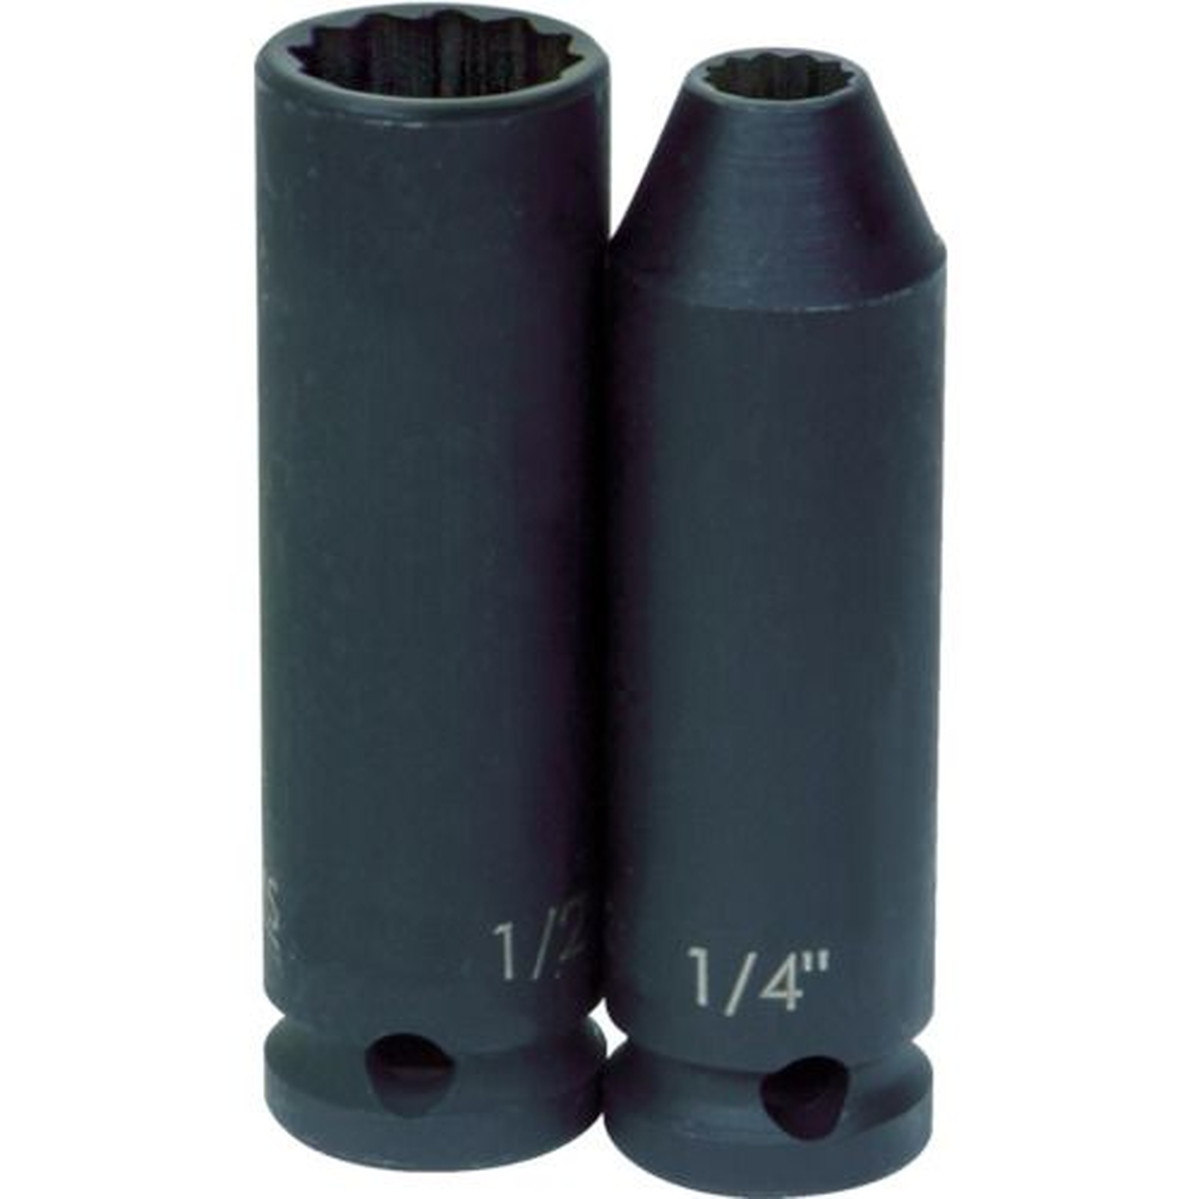 あす楽対応 付与 DIY用品 WILLIAMS 3 8ドライブ 15mm 1個 ディープソケット 買い取り インパクト 12角